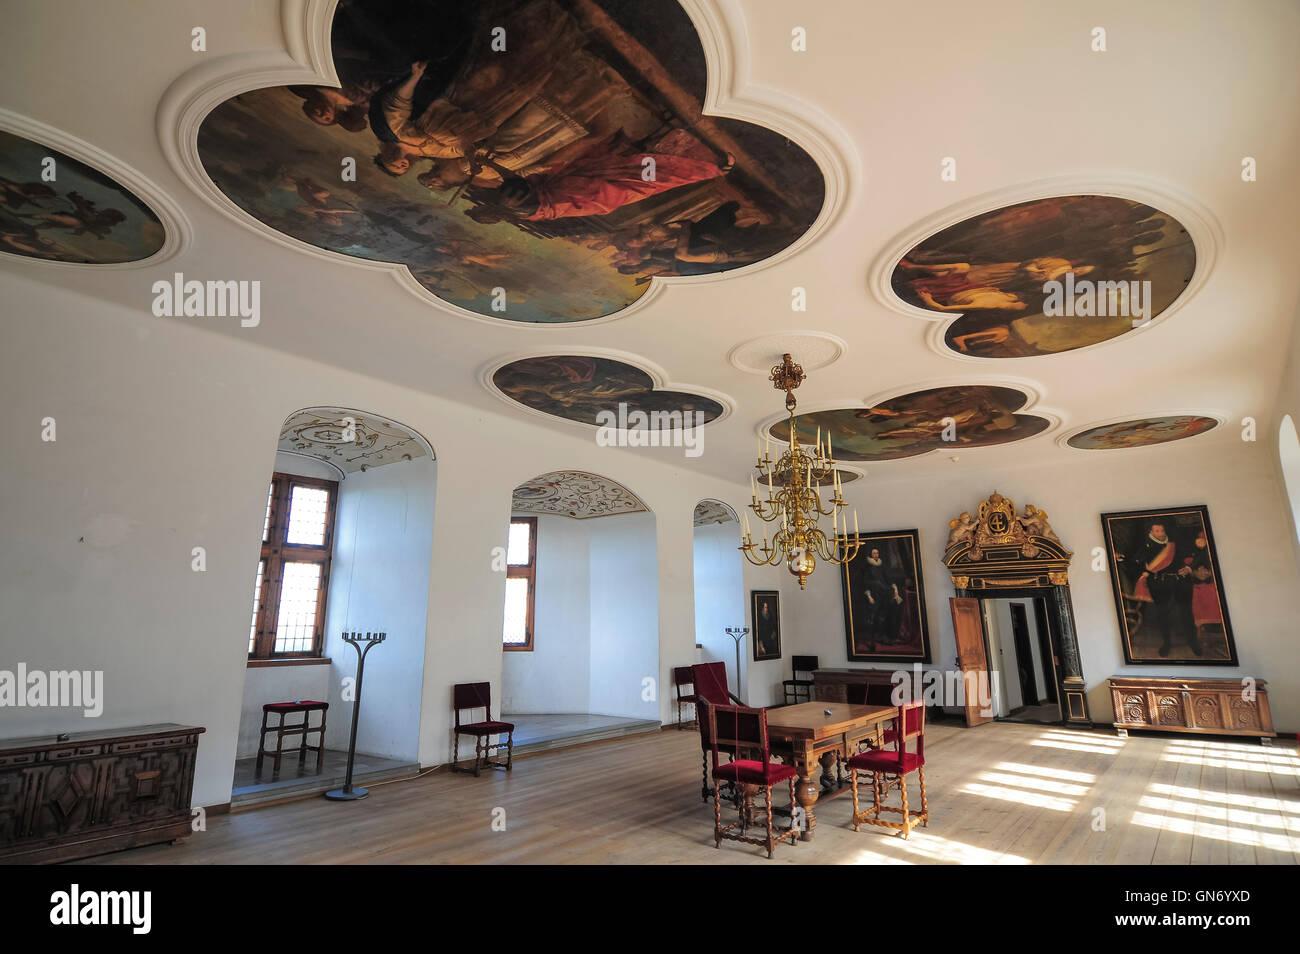 Interior of Kronborg Castle, Helsingor, Denmark - Stock Image